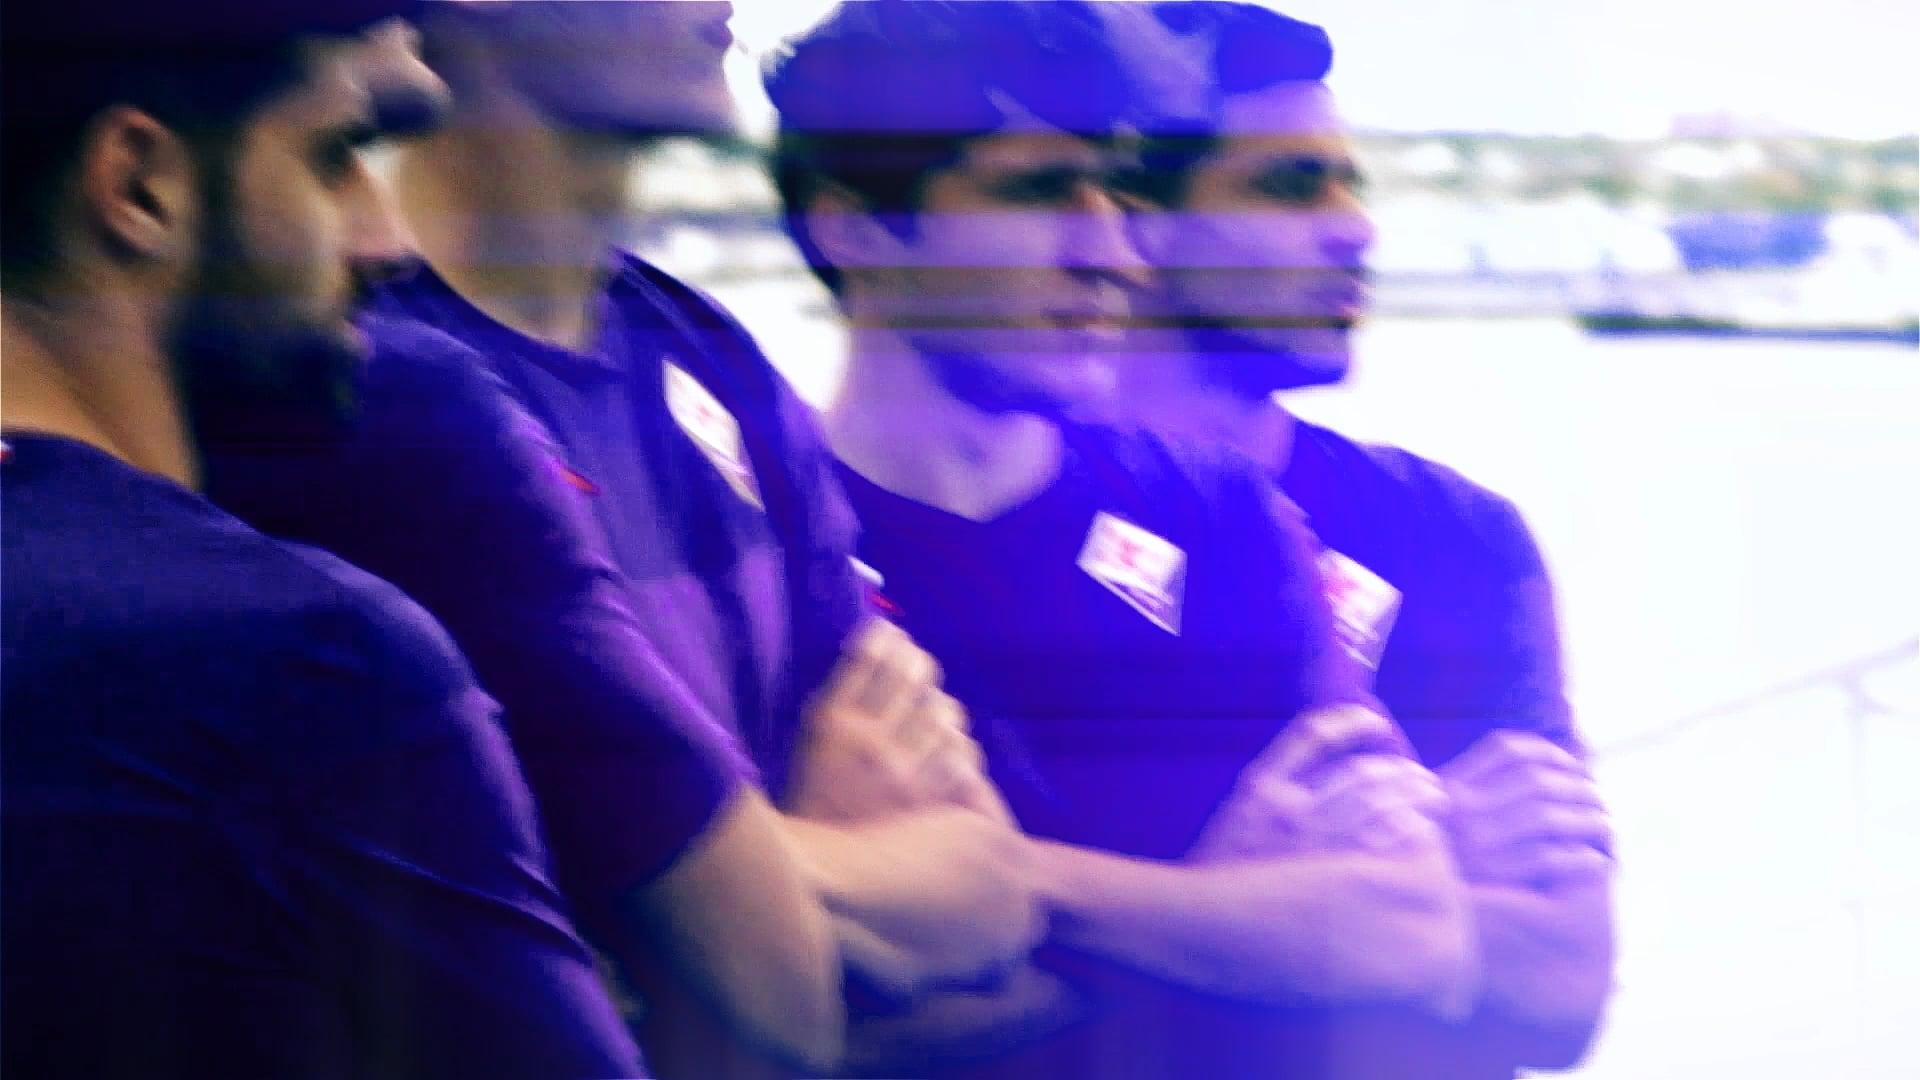 AFC FIORENTINA SHIRT RELEASE SOCIAL